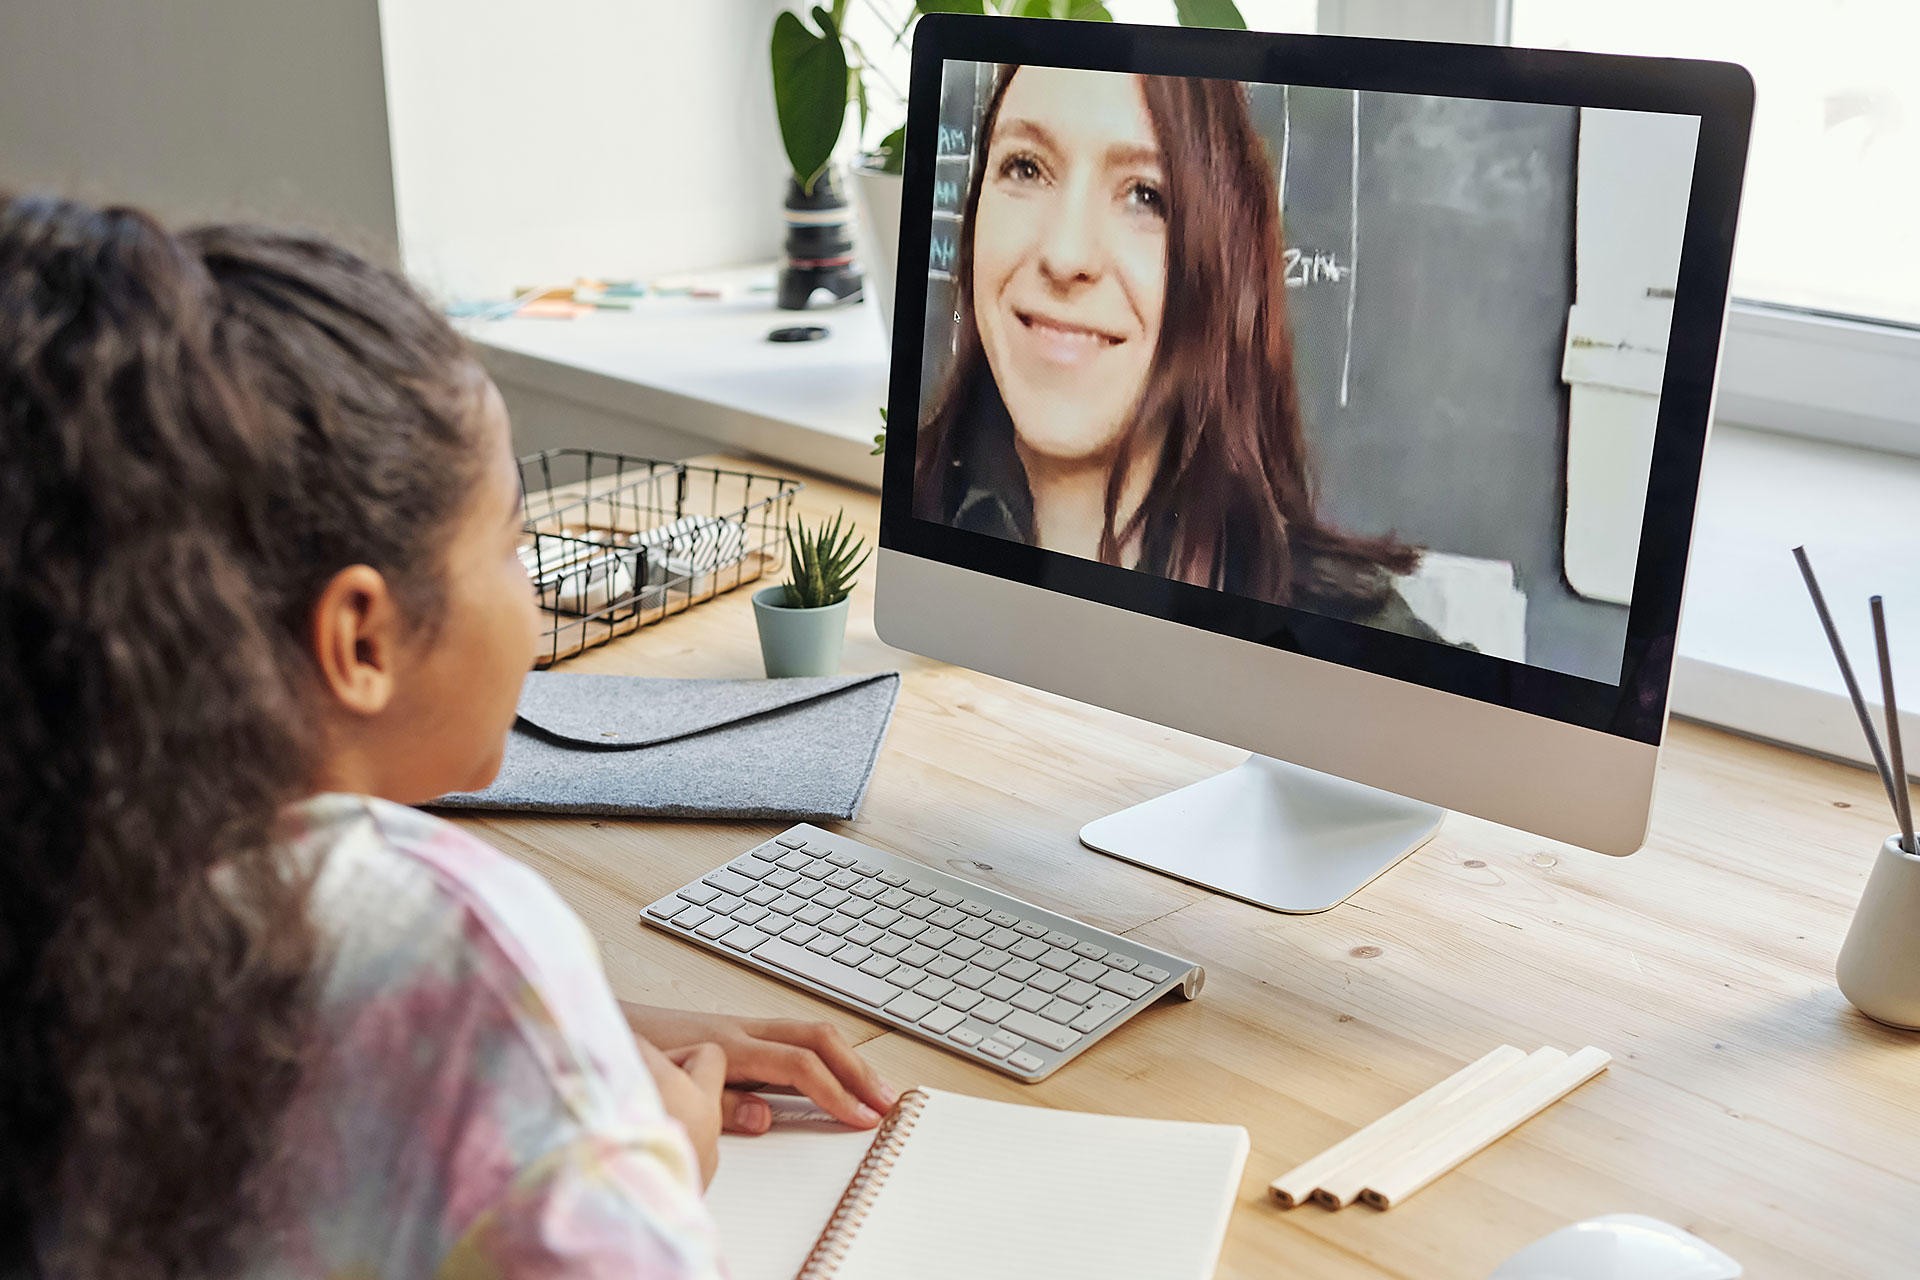 Schülerin in einer Videokonferenz mit ihrer Lehrerin